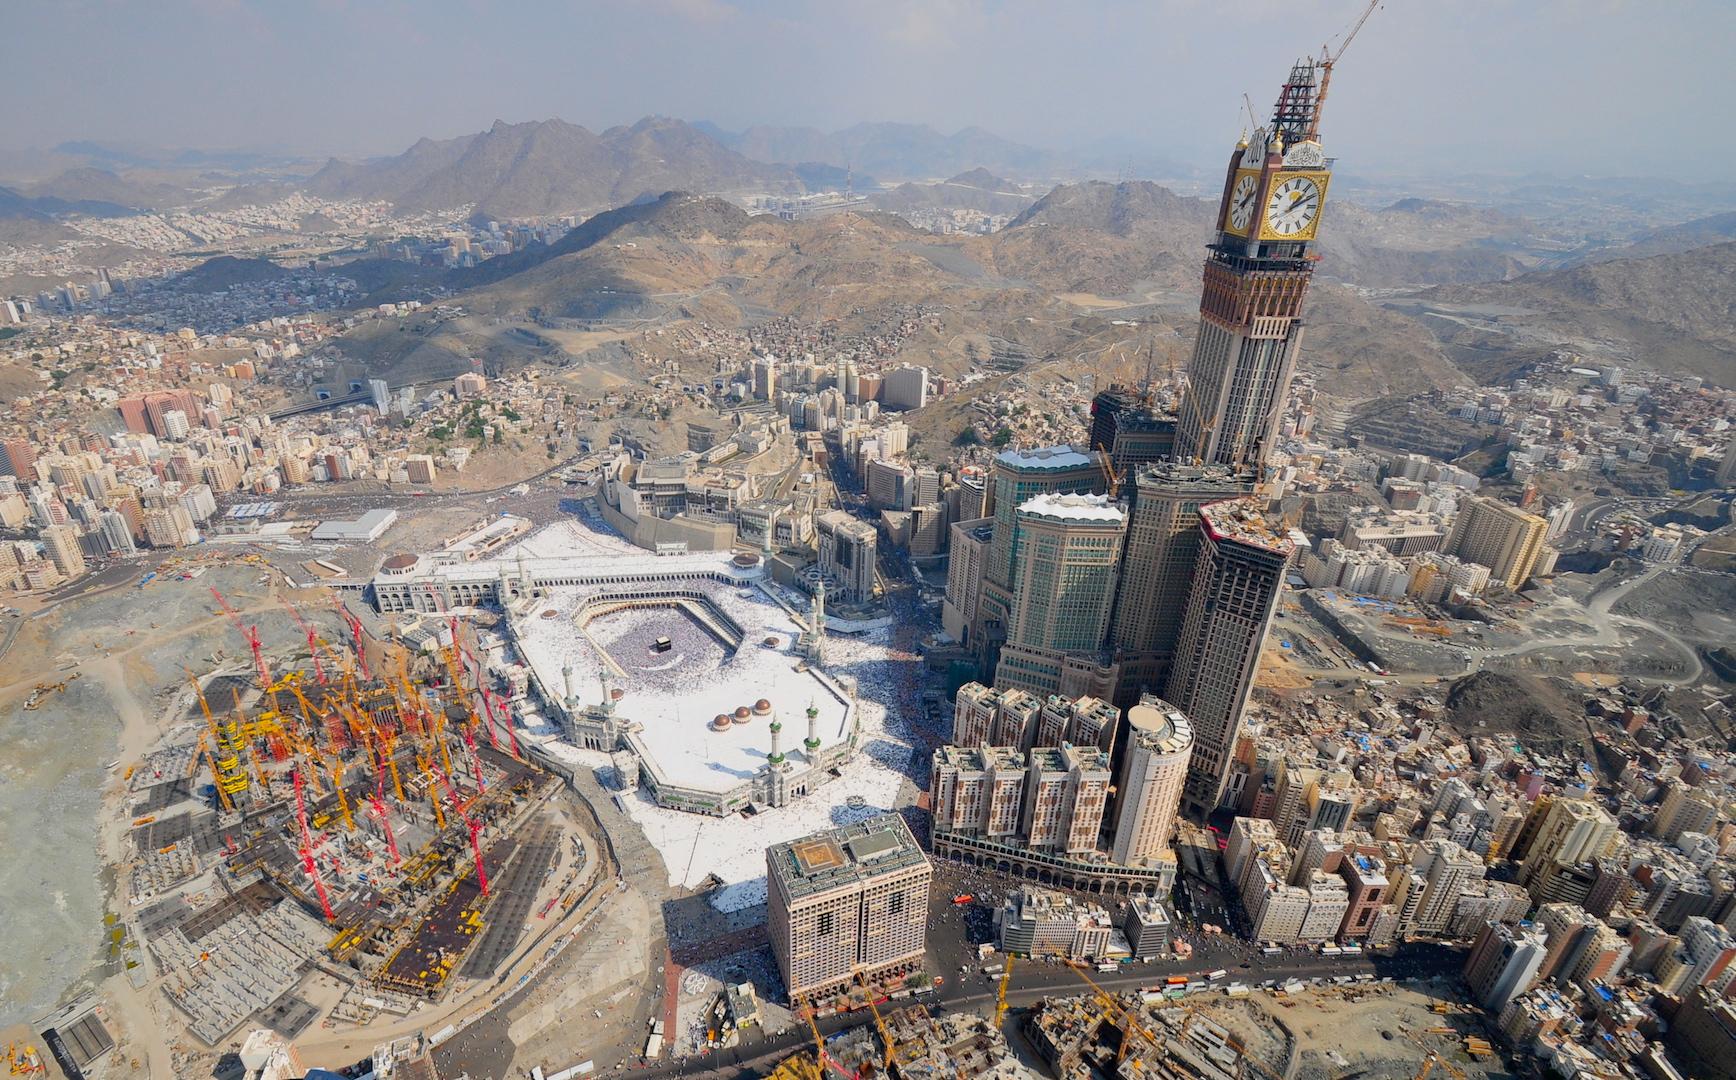 Världens största klocktorn, Royal Makkah Clock Tower, dominerar numera helt staden. Kaaba syns allra längst ner